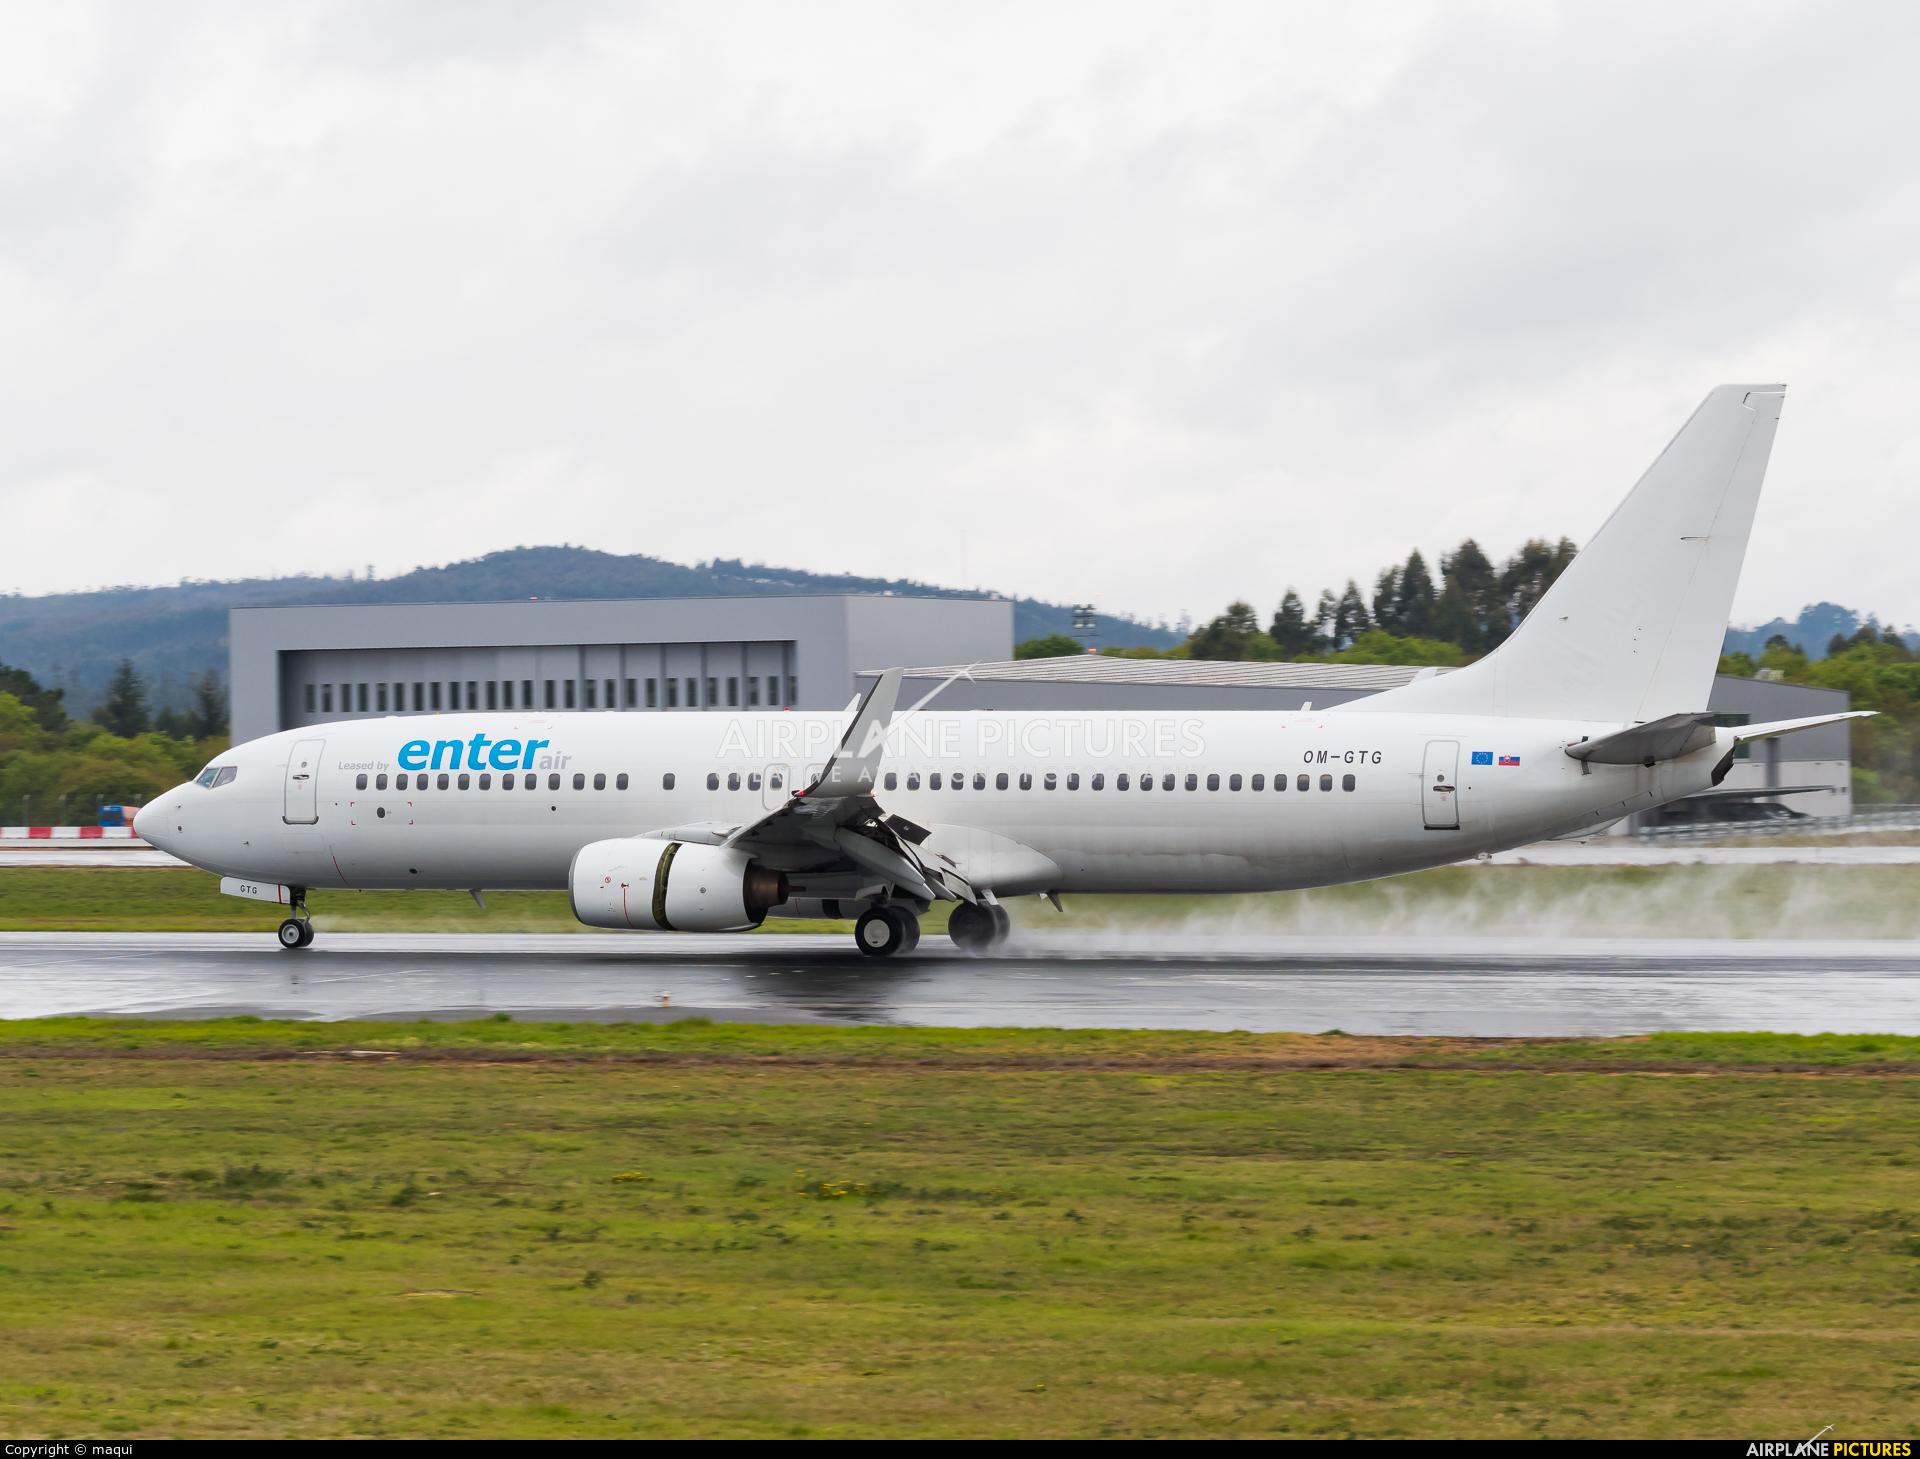 Go2Sky Airline OM-GTG aircraft at Santiago de Compostela